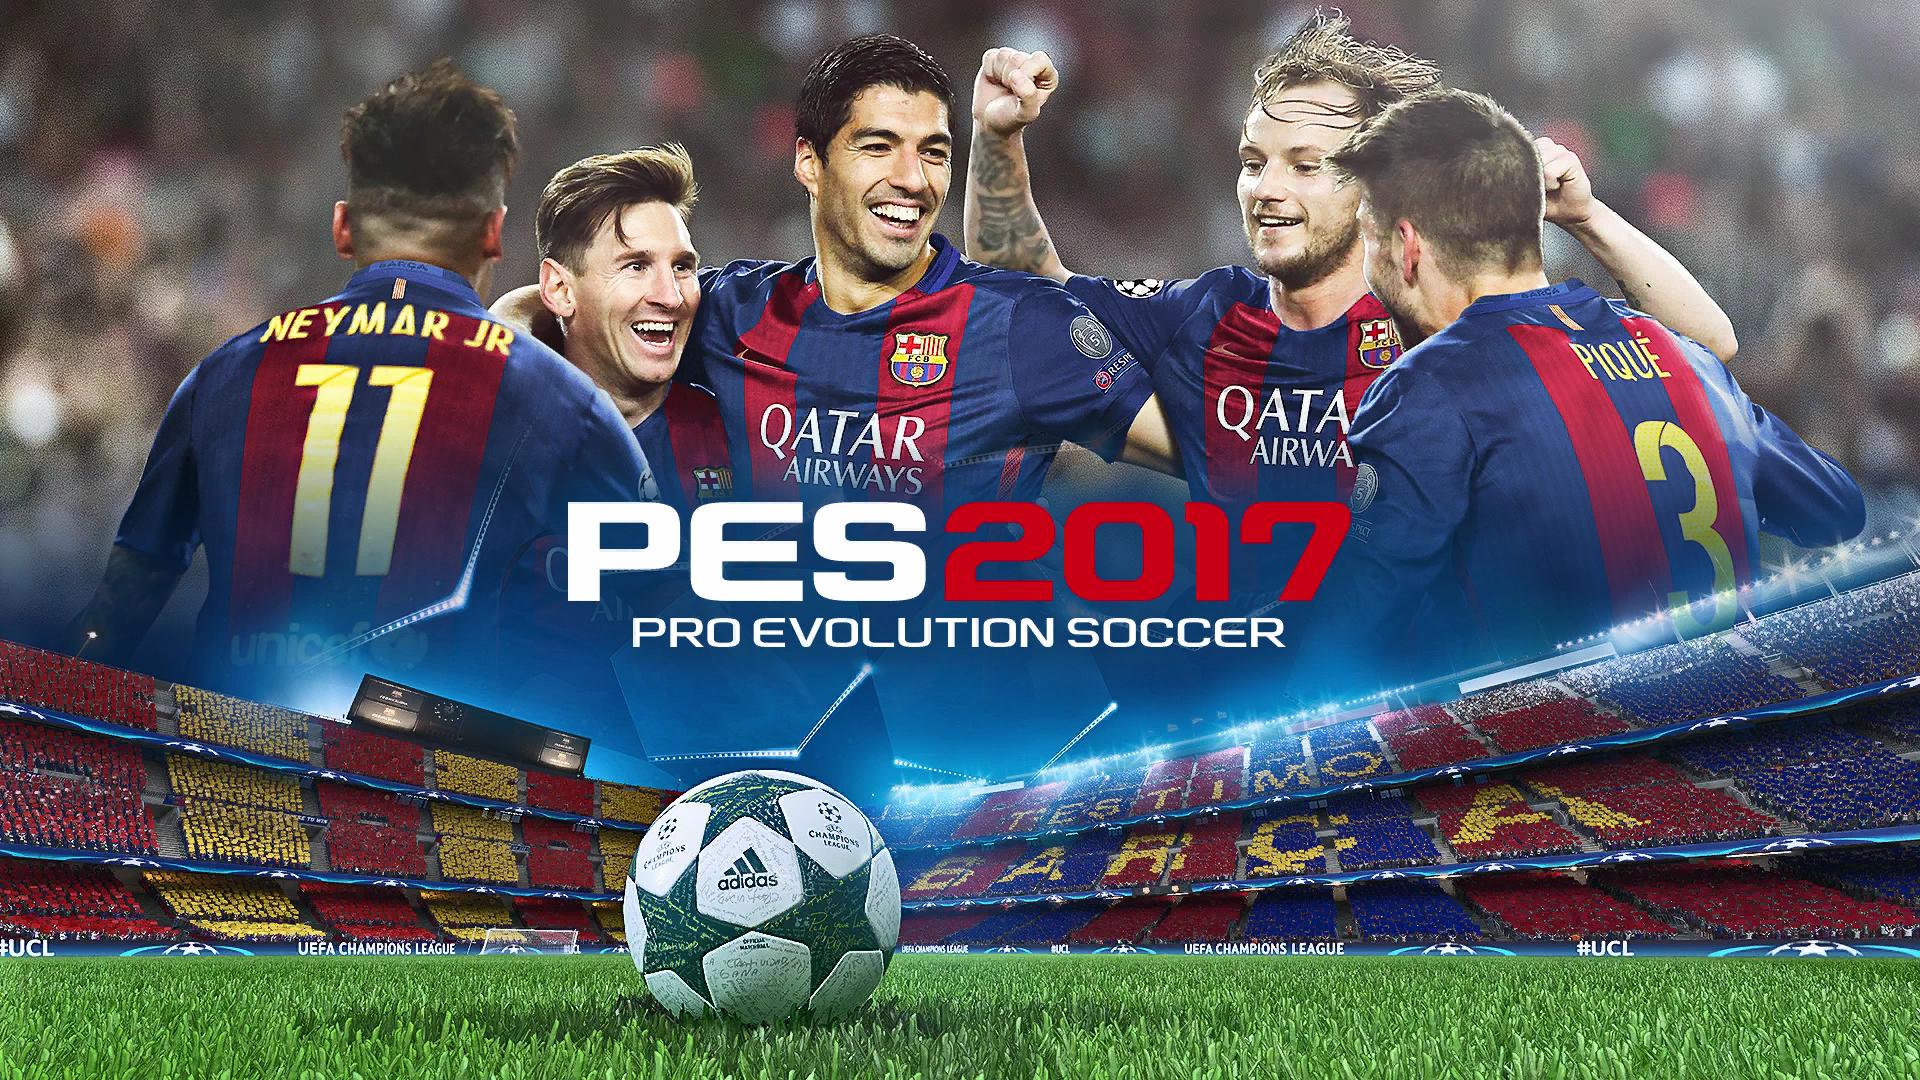 Image result for Pro Evolution Soccer 2017